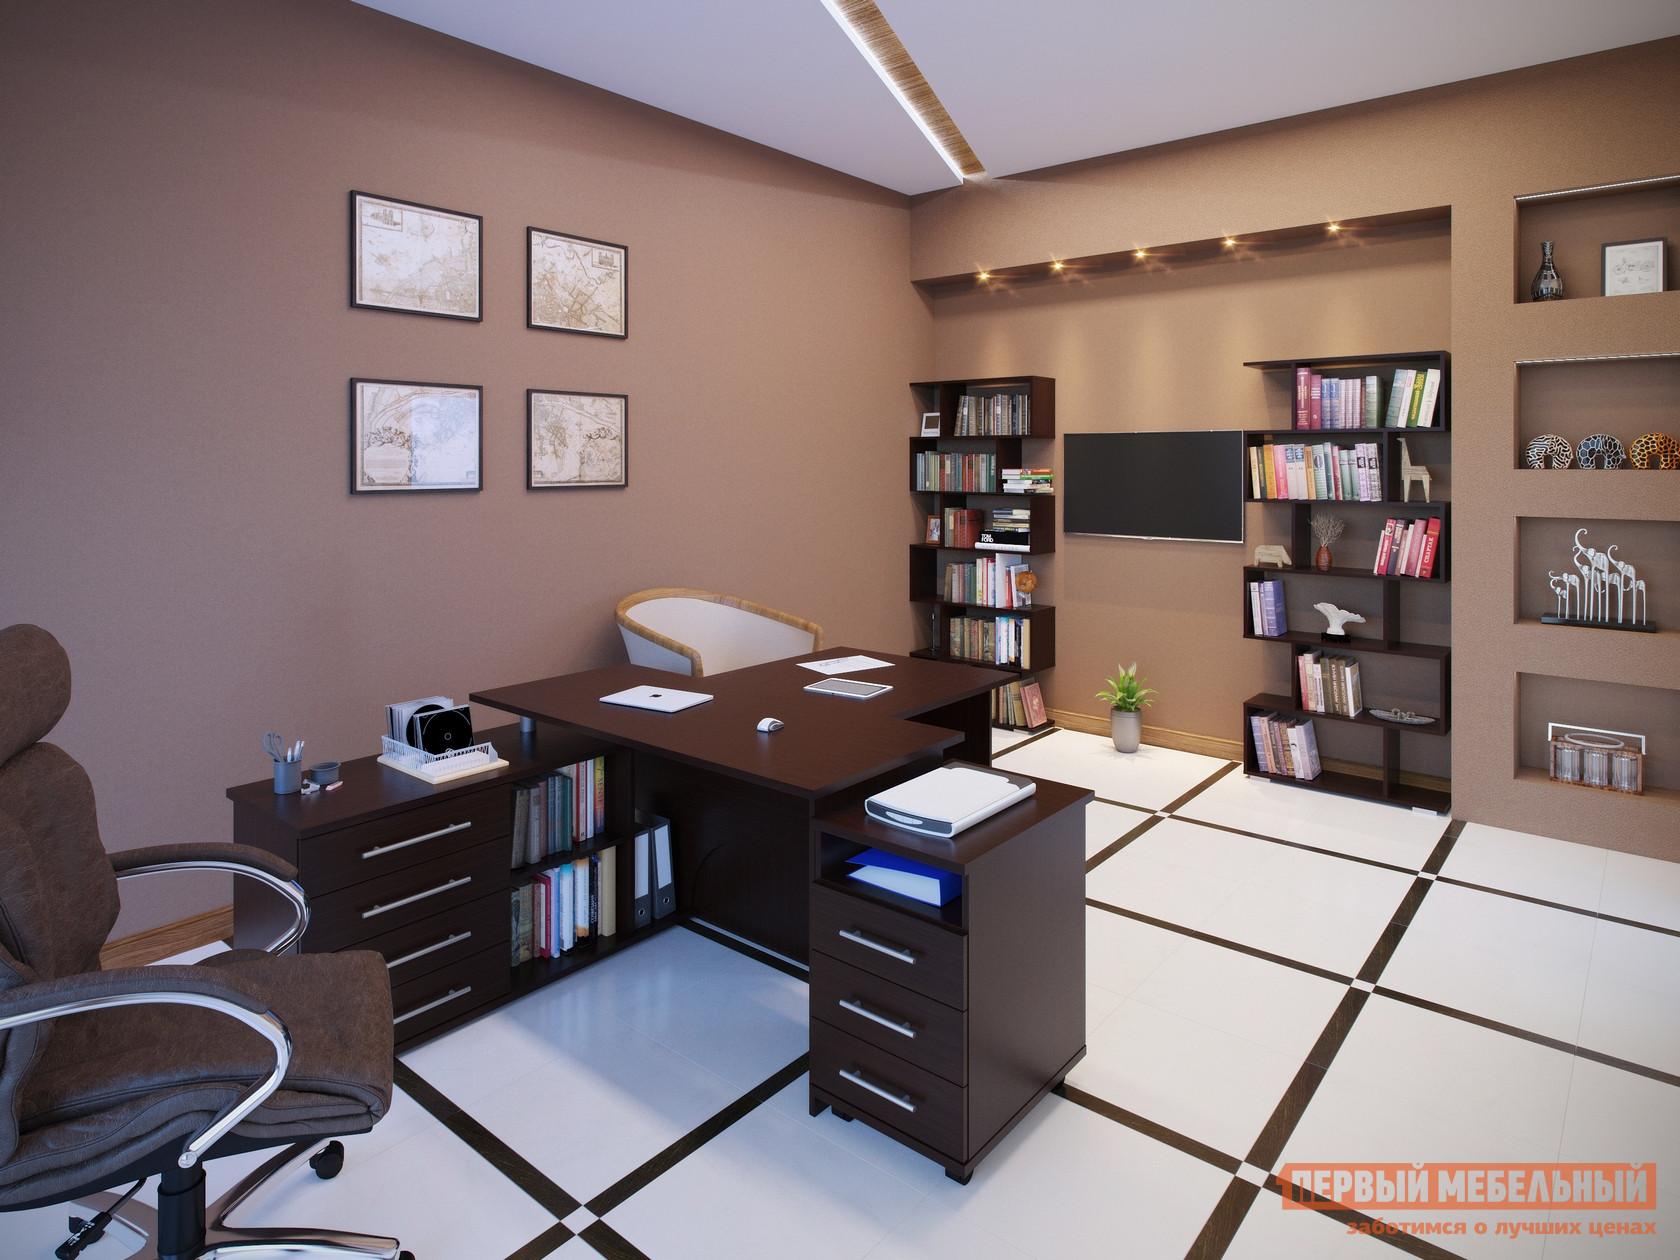 Комплект офисной мебели Сокол Сокол Р Венге ВенгеКомплекты офисной мебели<br>Габаритные размеры ВхШхГ xx мм. Стильный и функциональный комплект мебели «Сокол Р К1 Венге» для меблировки кабинета руководителя.  Набор сочетает в себе все необходимые модули для создания удобной и практичной обстановки в офисе.  Такая мебель подчеркнет деловой настрой и статус компании. В стоимость комплекта входят:Угловой письменный стол левый (ВхШхГ): 750 х 1400 х 1270 мм. Стол-приставка (ВхШхГ): 724 х 900 х 800 мм. Тумба с тремя ящиками (ВхШхГ): 674 х 404 х 571 мм. Открытый стеллаж (2 шт. ) (ВхШхГ): 1908 х 800 х 252 мм. При желании комплект можно дополнить другими элементами серии. Мебель изготавливается из ЛДСП толщиной 22 и 16 мм, края обработаны кромкой ПВХ 2 и 0,4 мм.  В ящиках используются роликовые направляющие.<br><br>Цвет: Венге<br>Форма поставки: В разобранном виде<br>Срок гарантии: 2 года<br>Материал: ЛДСП